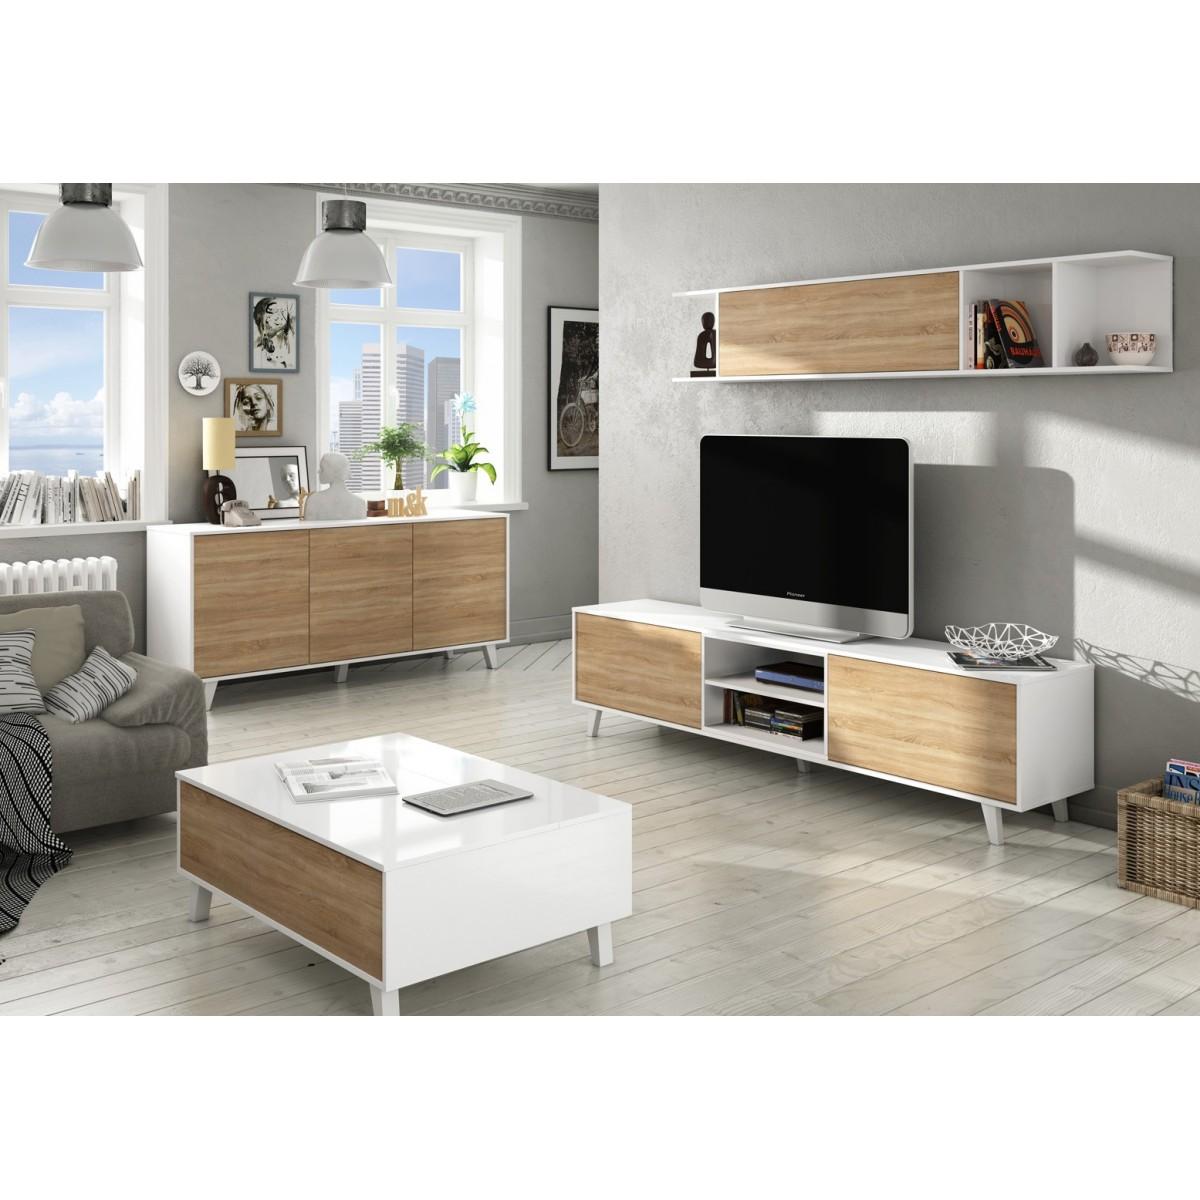 mueble saln blanco roble stylus plus coleccin nrdica